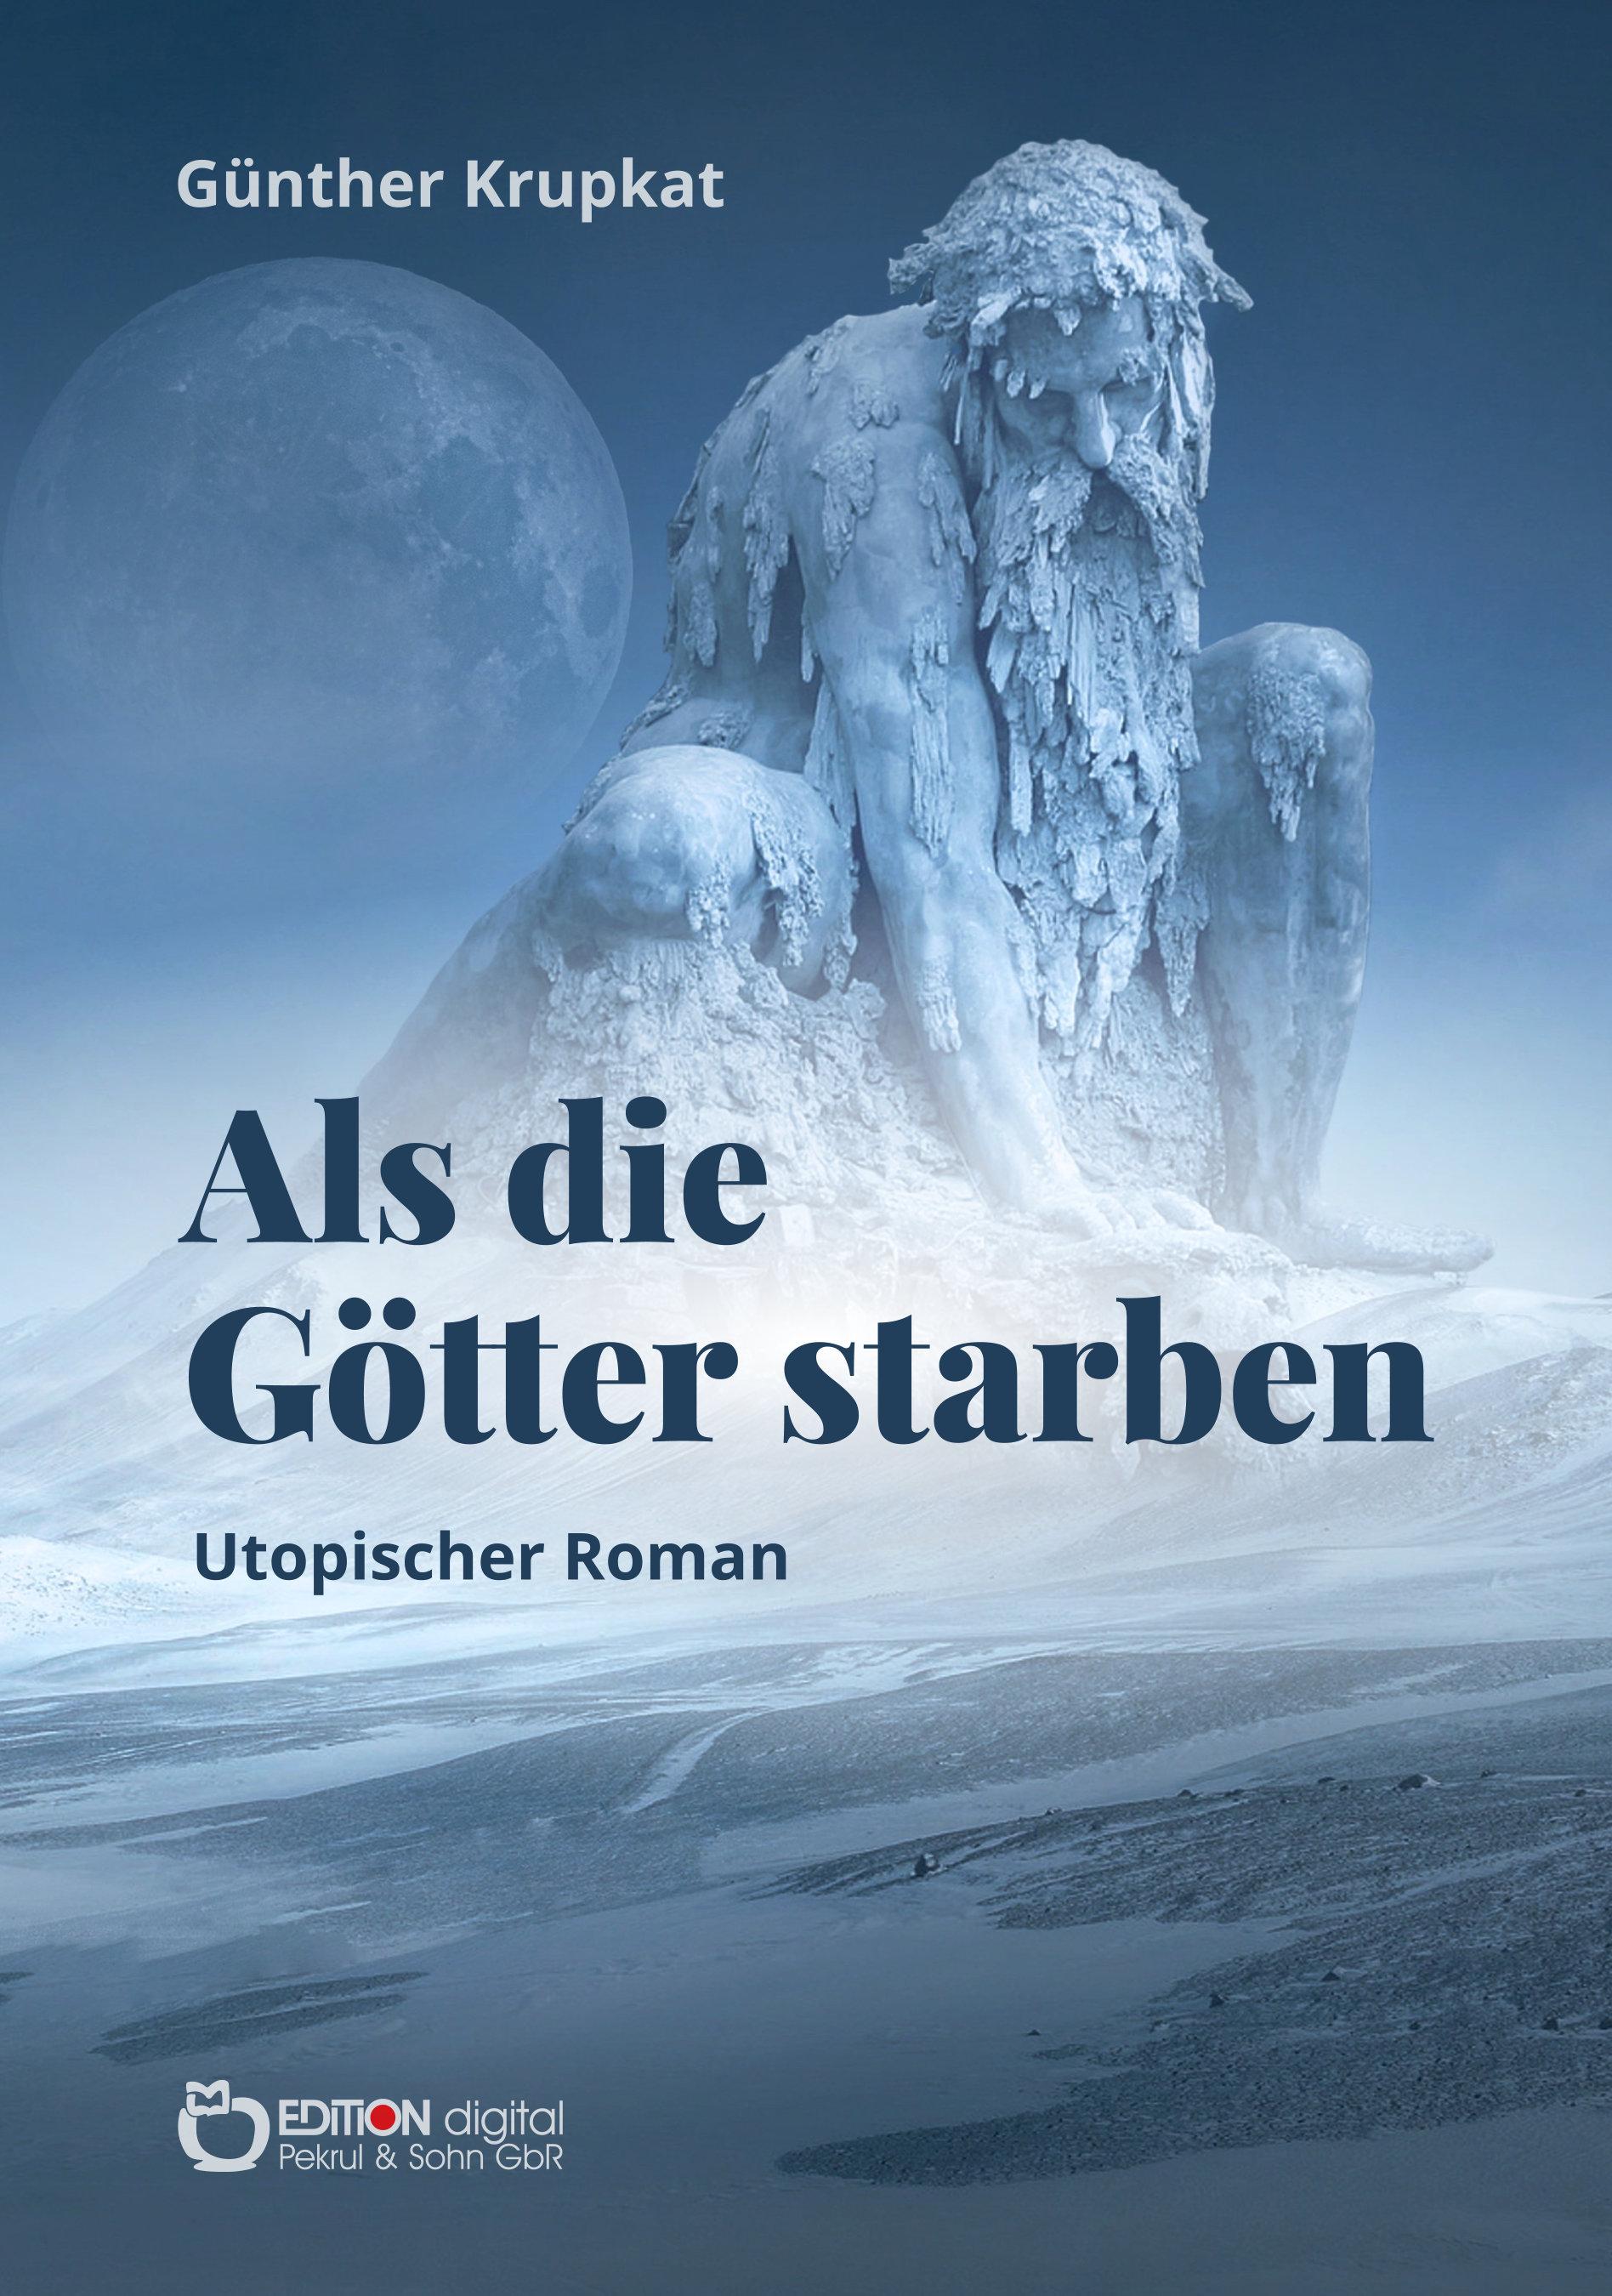 Als die Götter starben. Utopischer Roman von Günther Krupkat